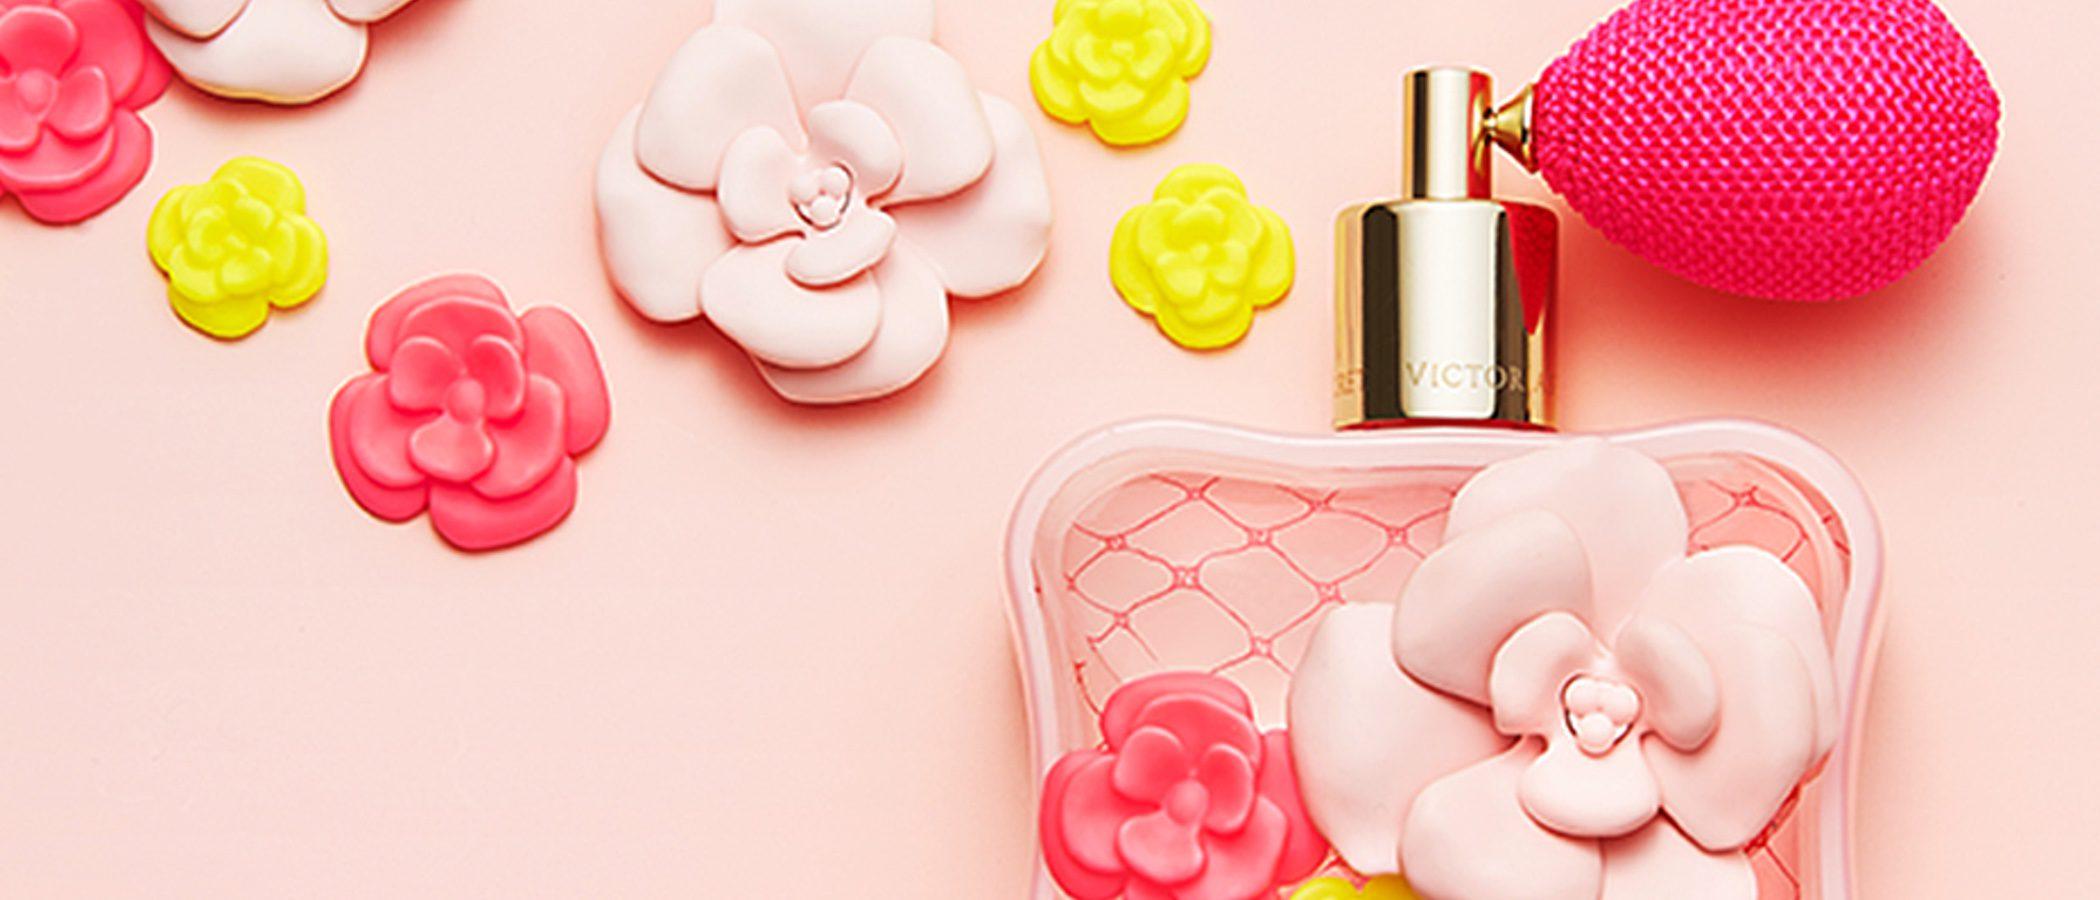 'Tease Flower', la nueva fragancia de Victoria's Secret